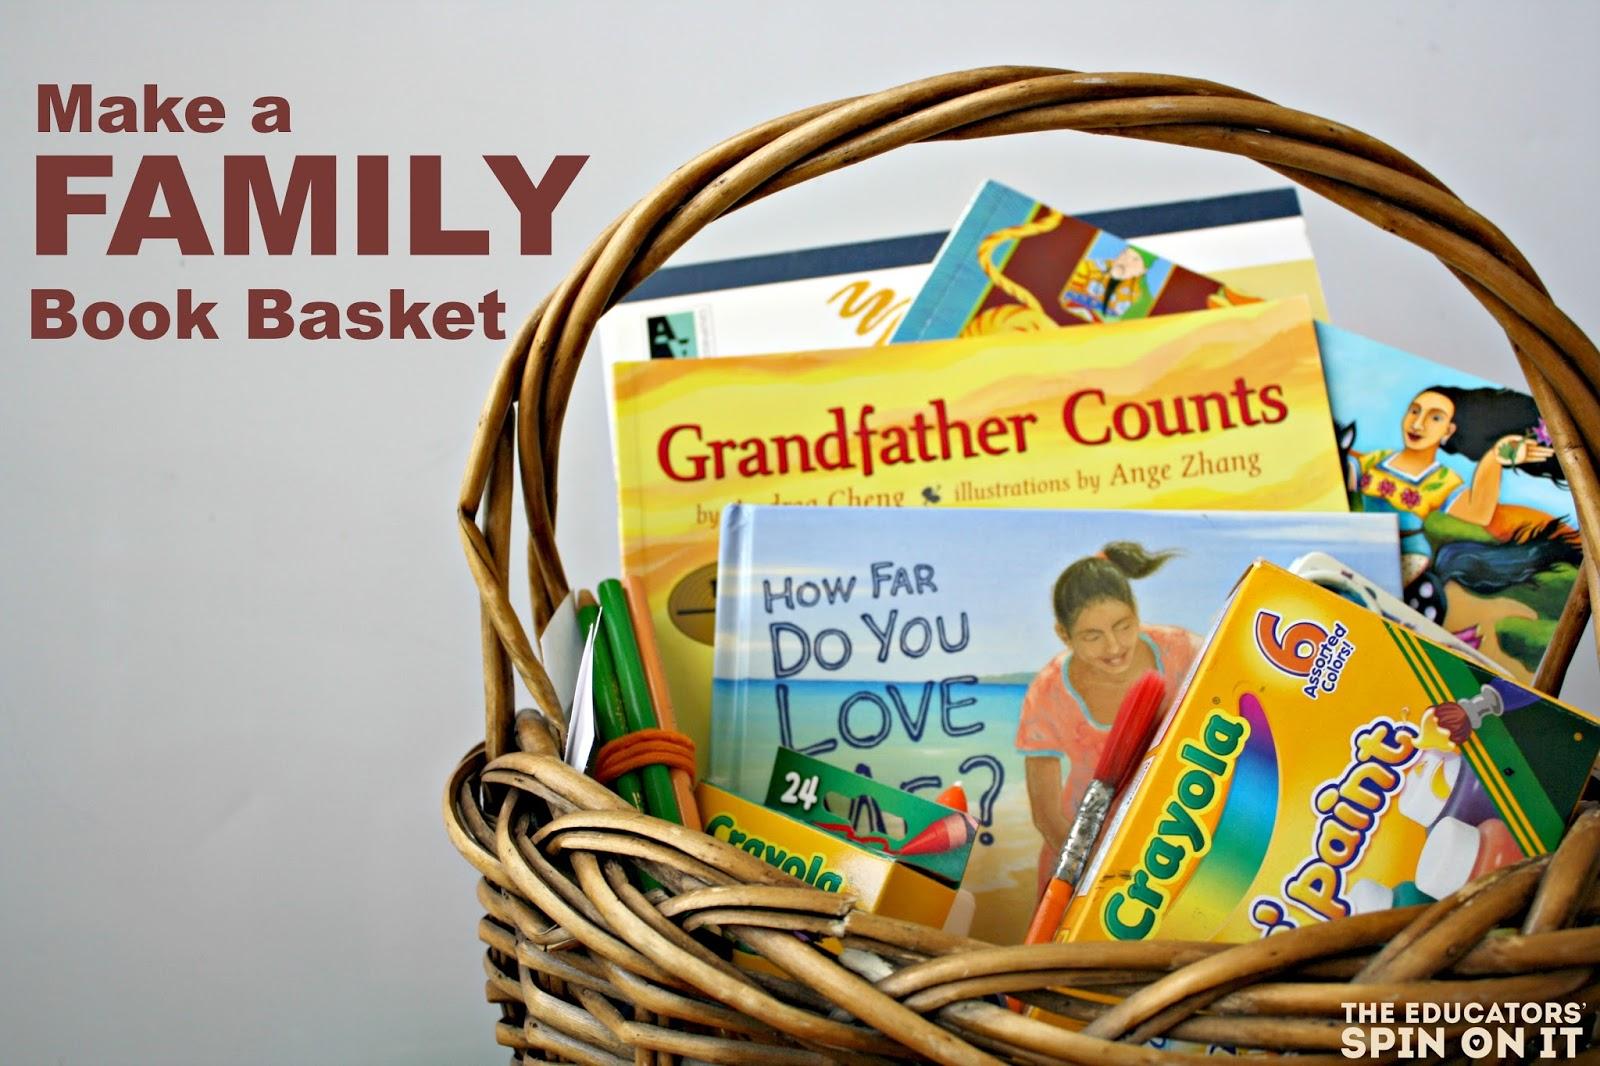 Make a Family Theme Book Basket